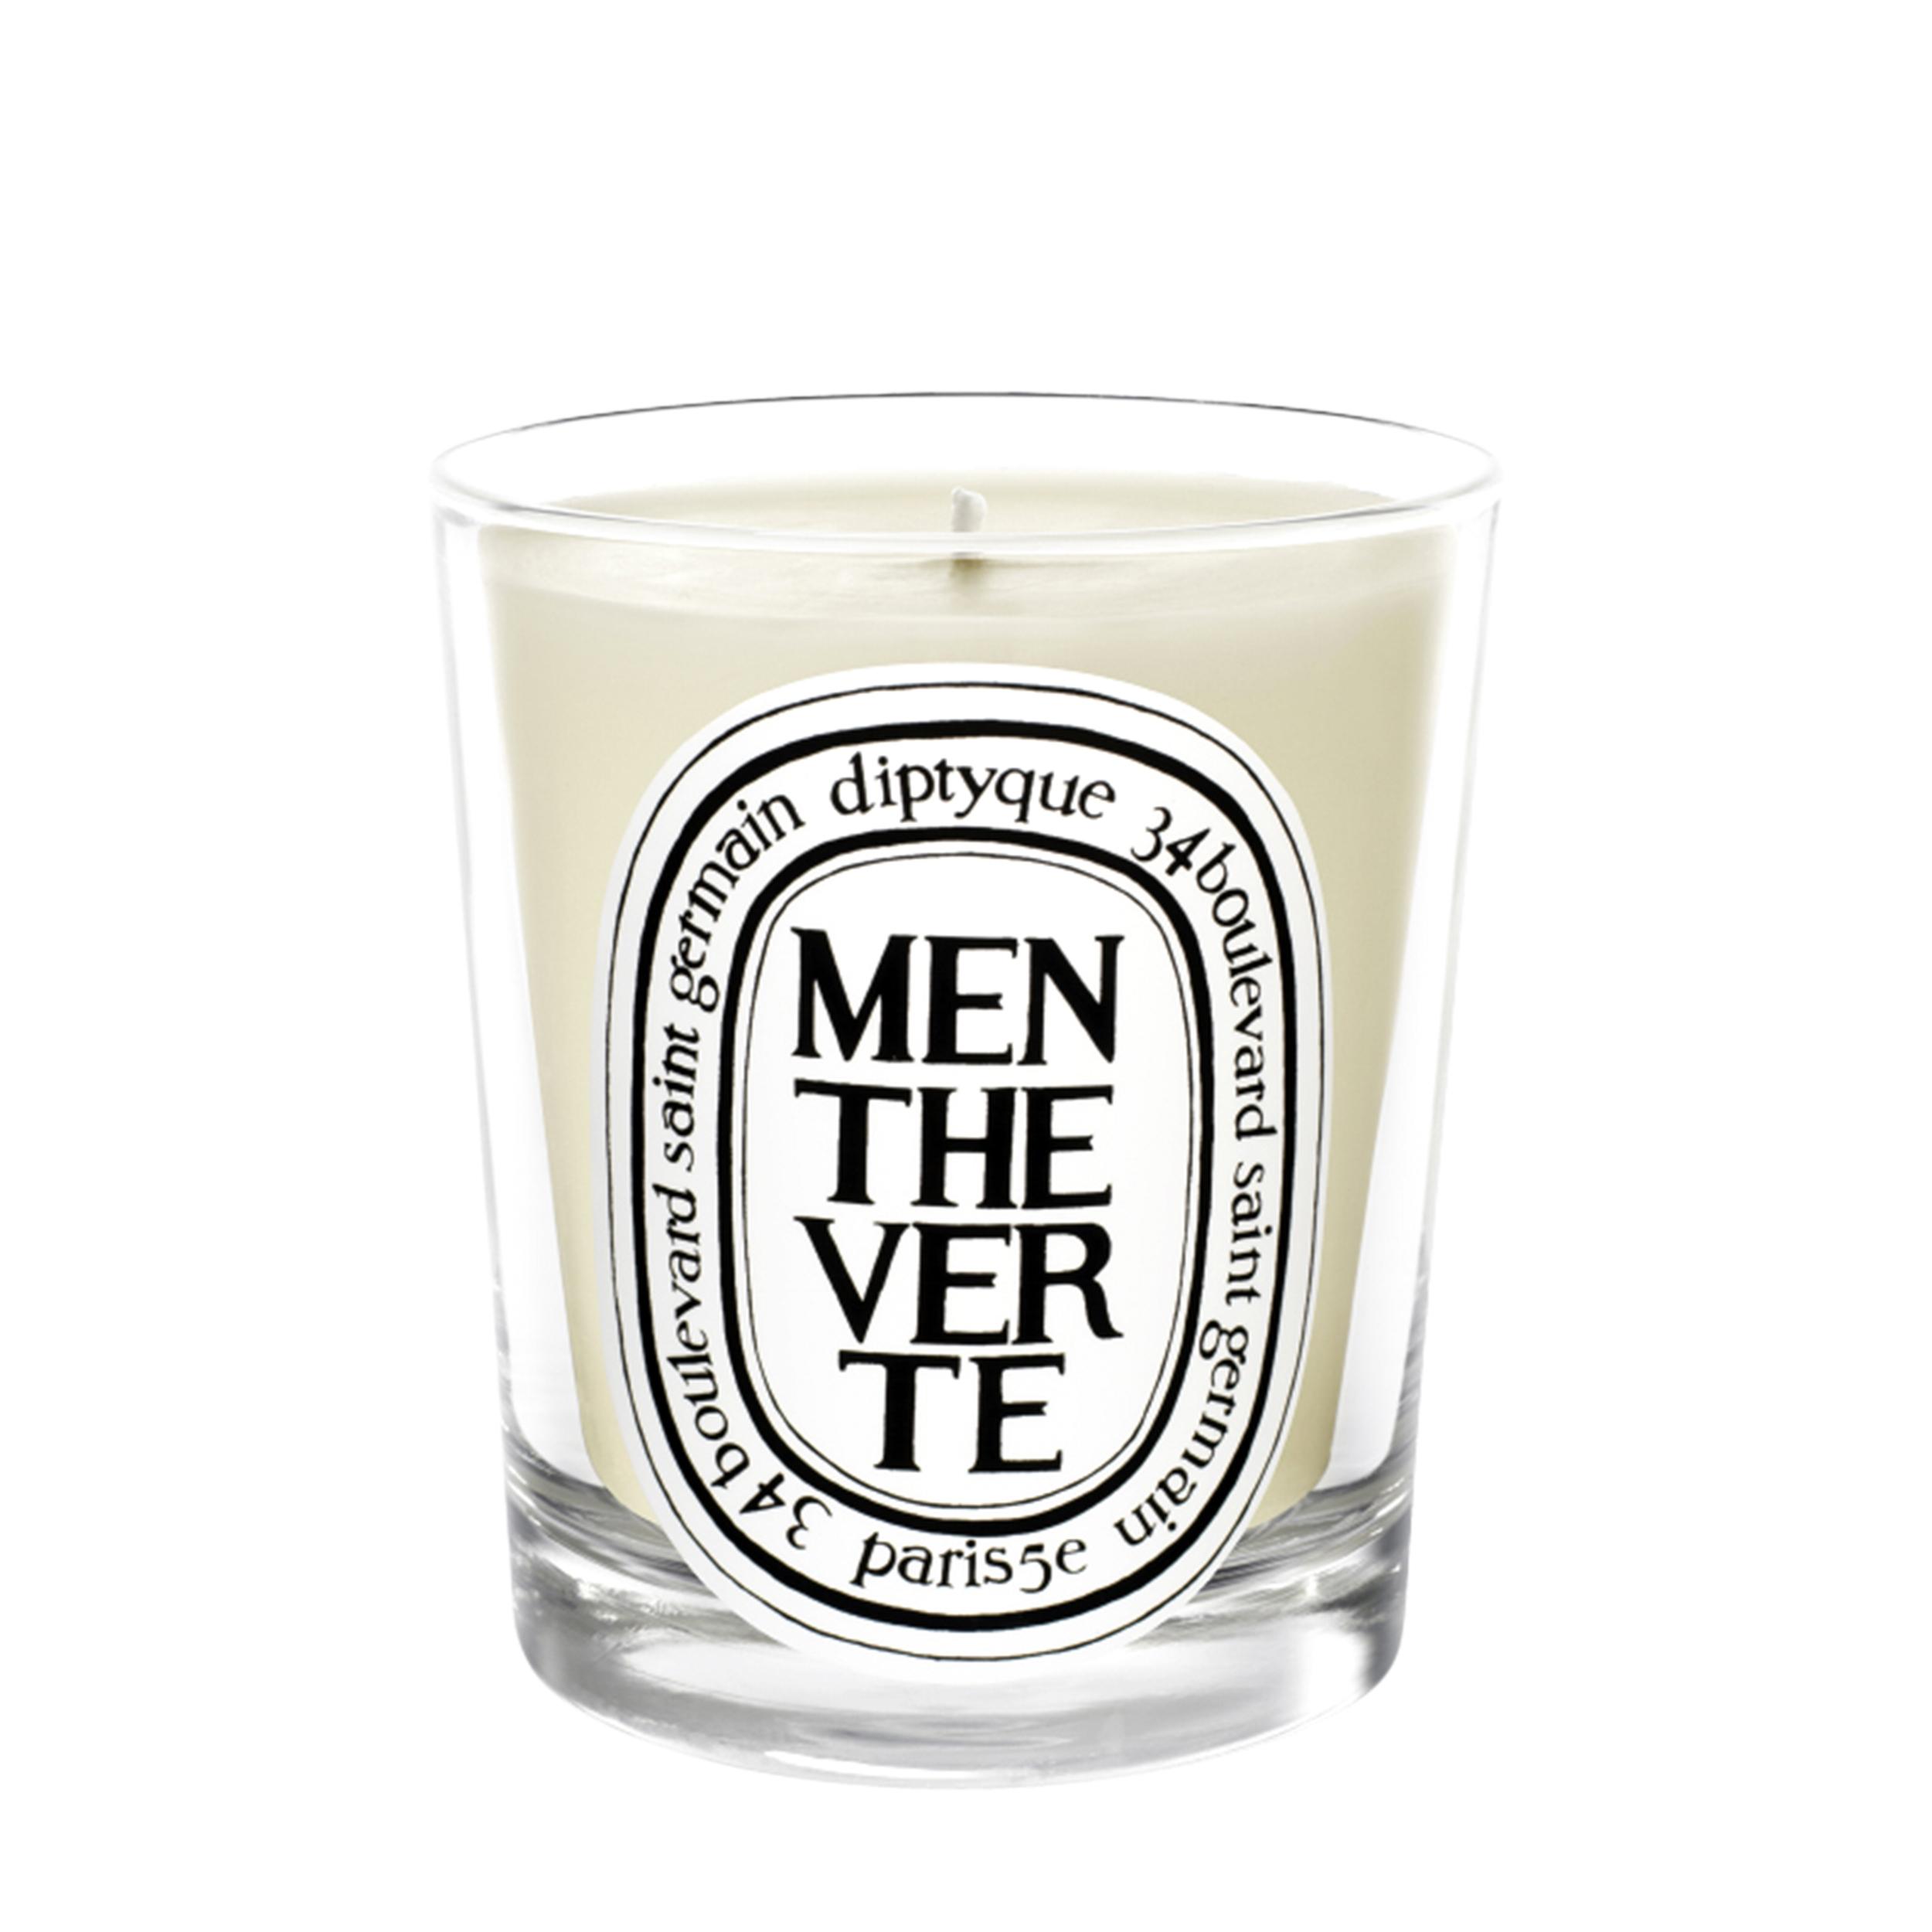 Купить Diptyque Свеча Menthe verte